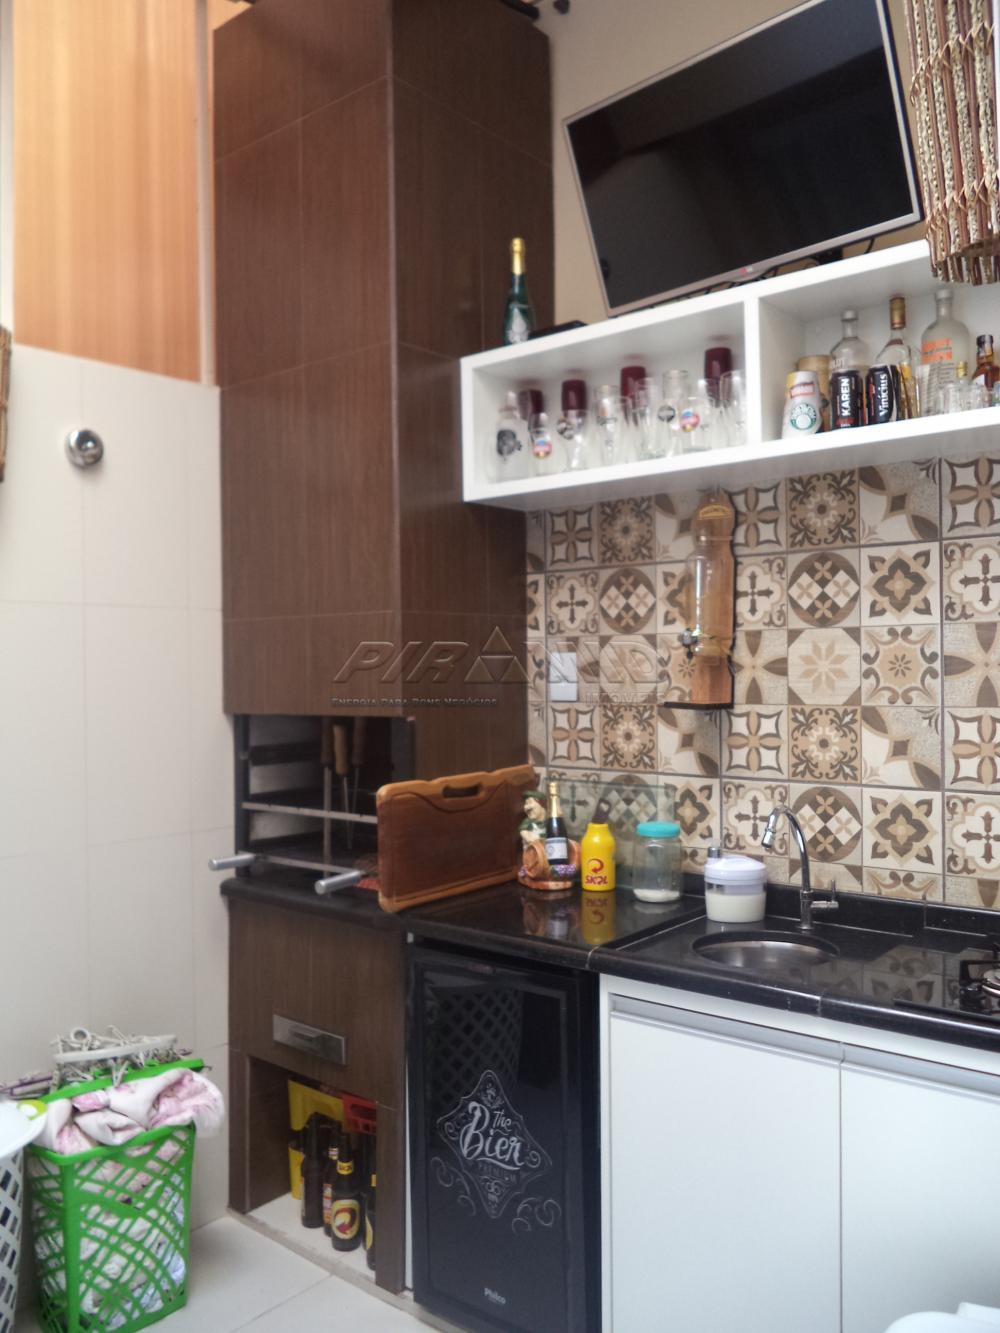 Ribeirao Preto Casa Venda R$290.000,00 Condominio R$180,00 2 Dormitorios 1 Suite Area construida 85.00m2